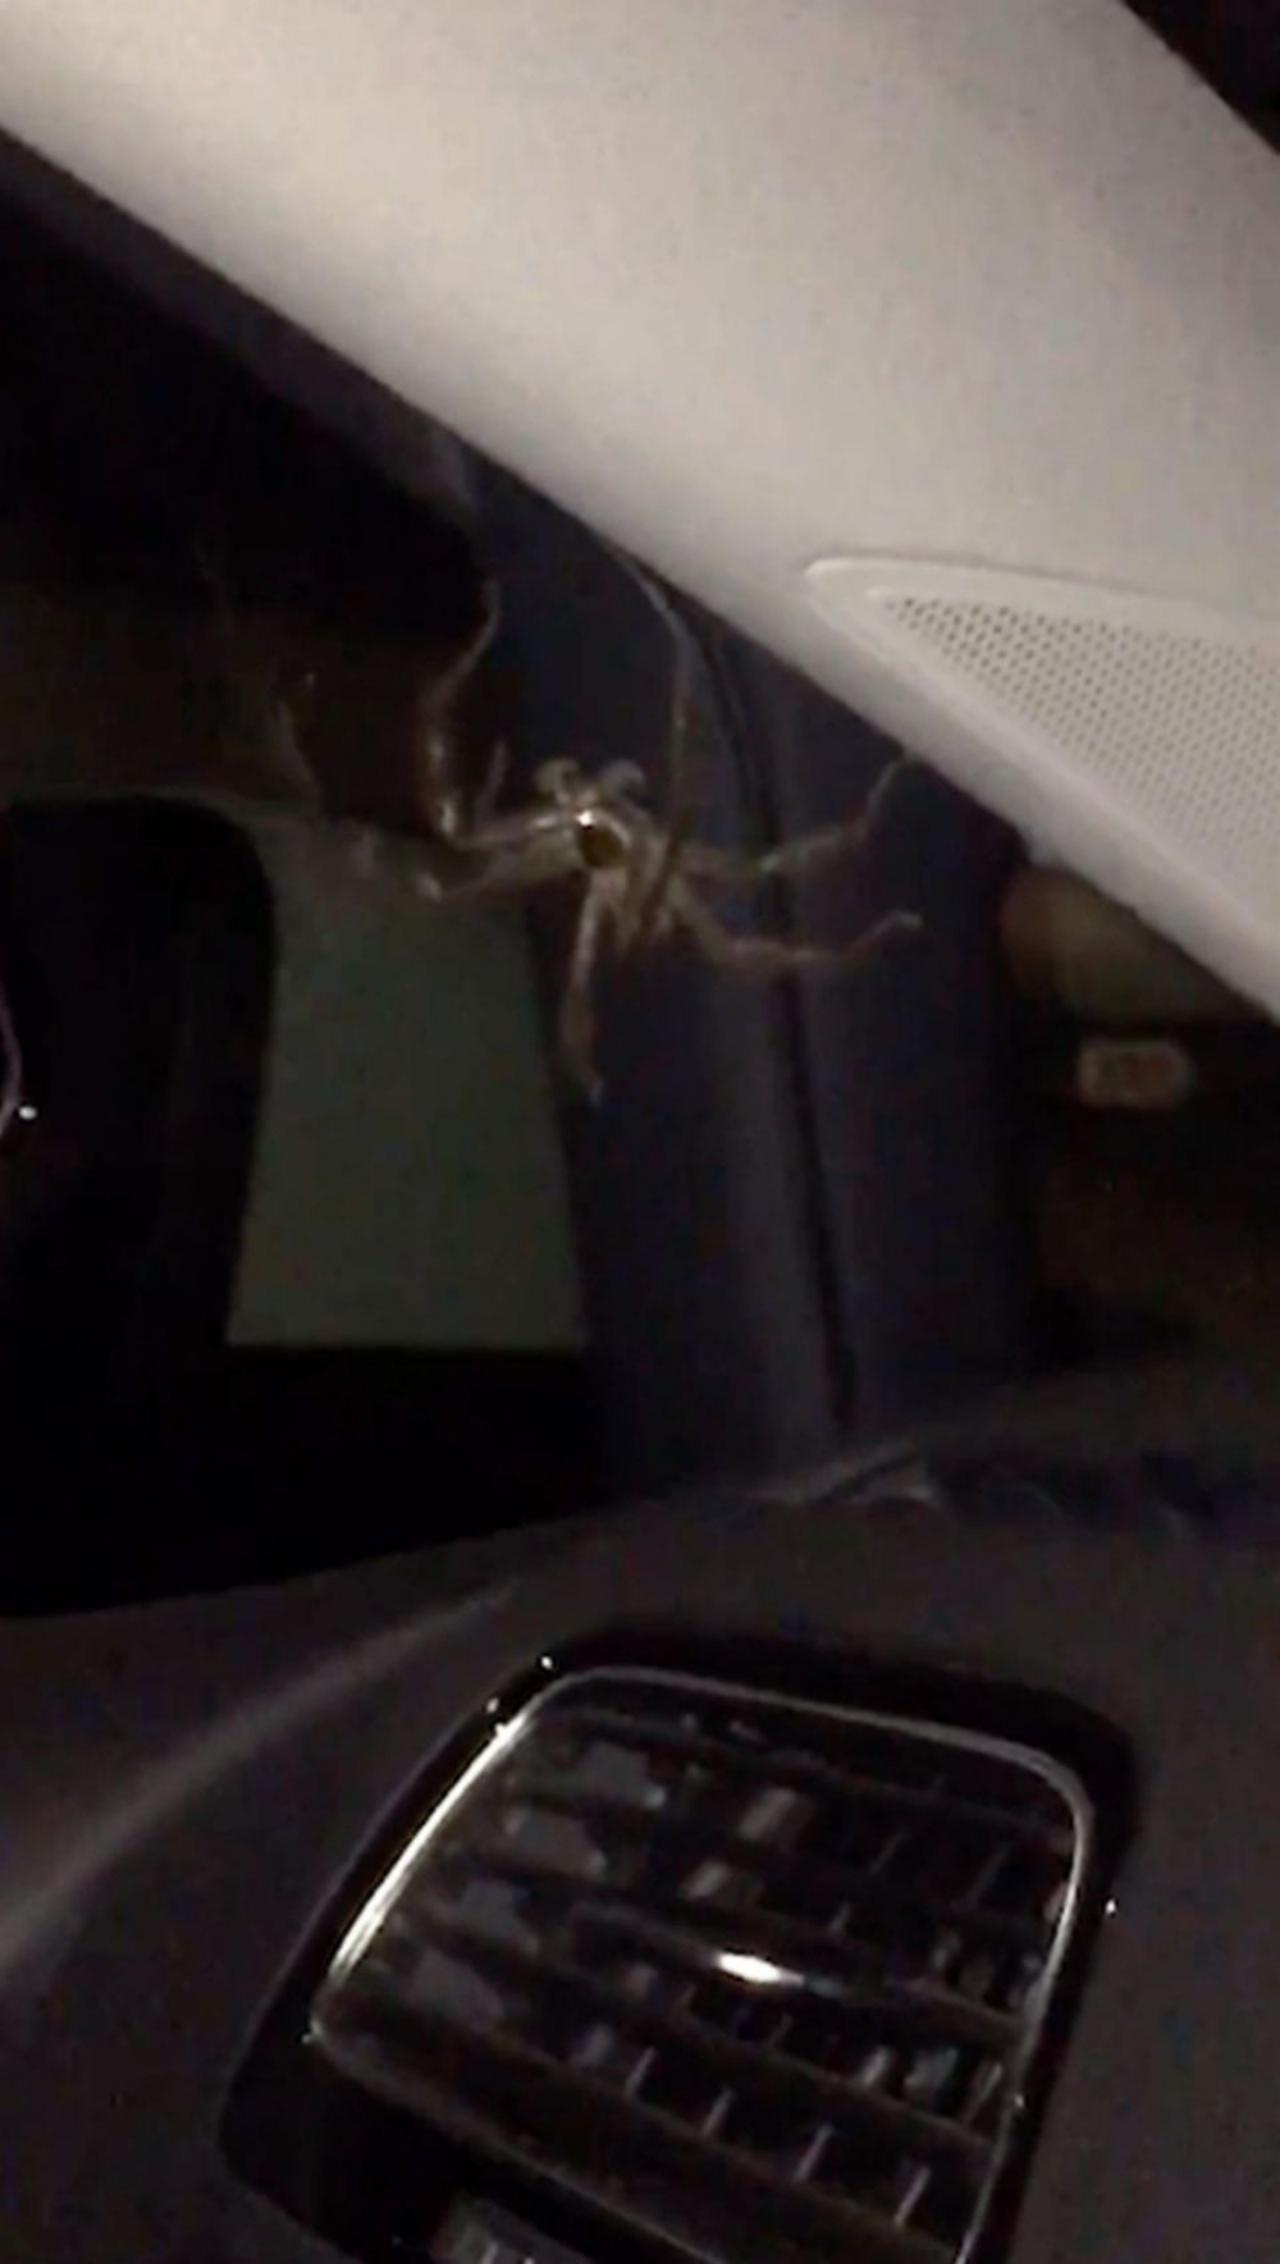 สยองมาก...แมงมุมตัวใหญ่อยู่ในรถ